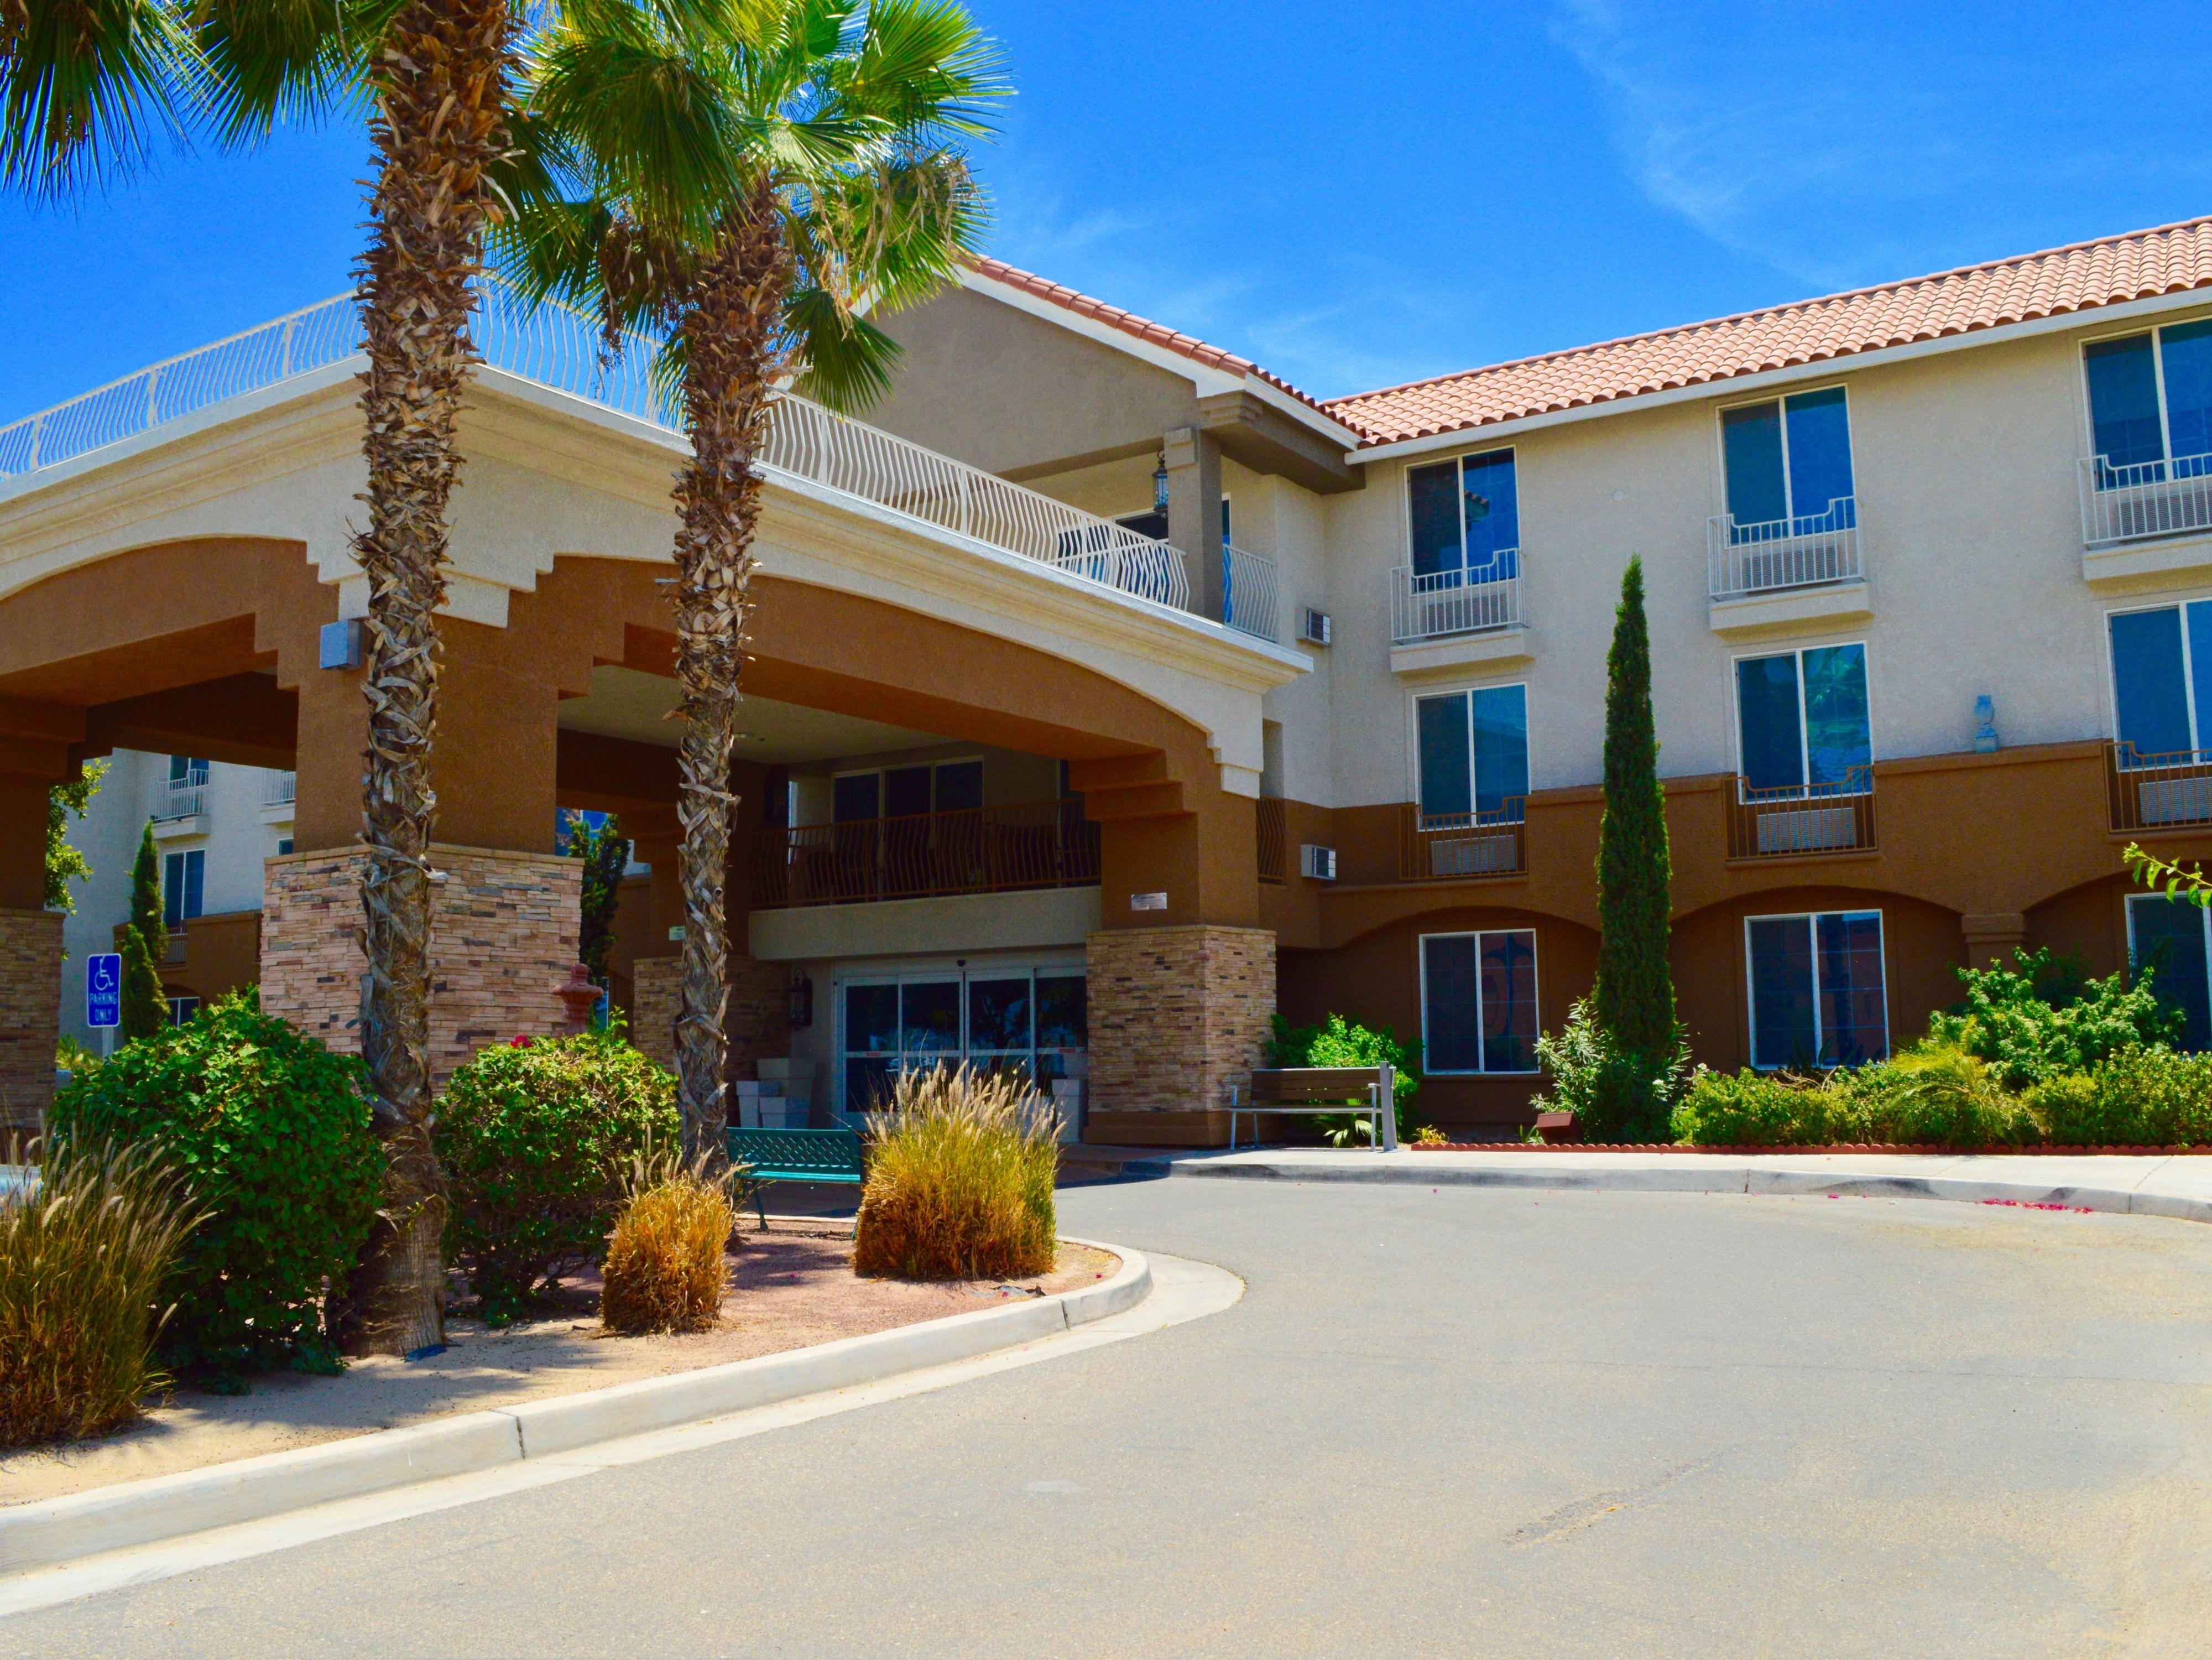 Hotels In Calexico Ca